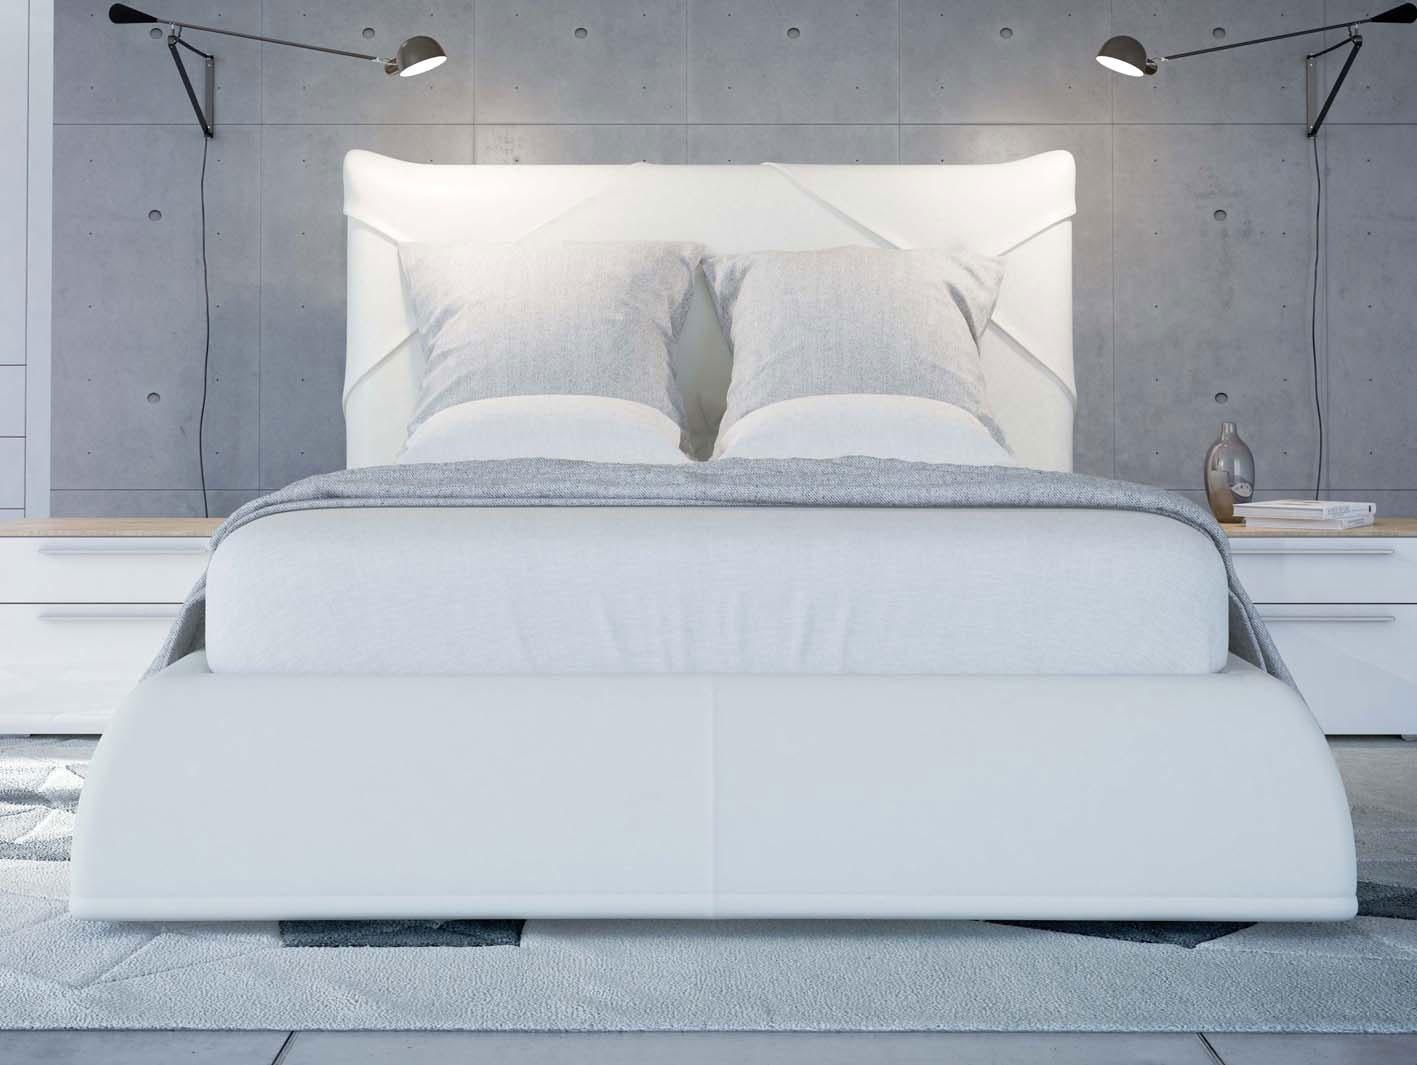 SOLO Белый глянец 800.0816-B Кровать для подъемного основания  1600*2000 - 4674